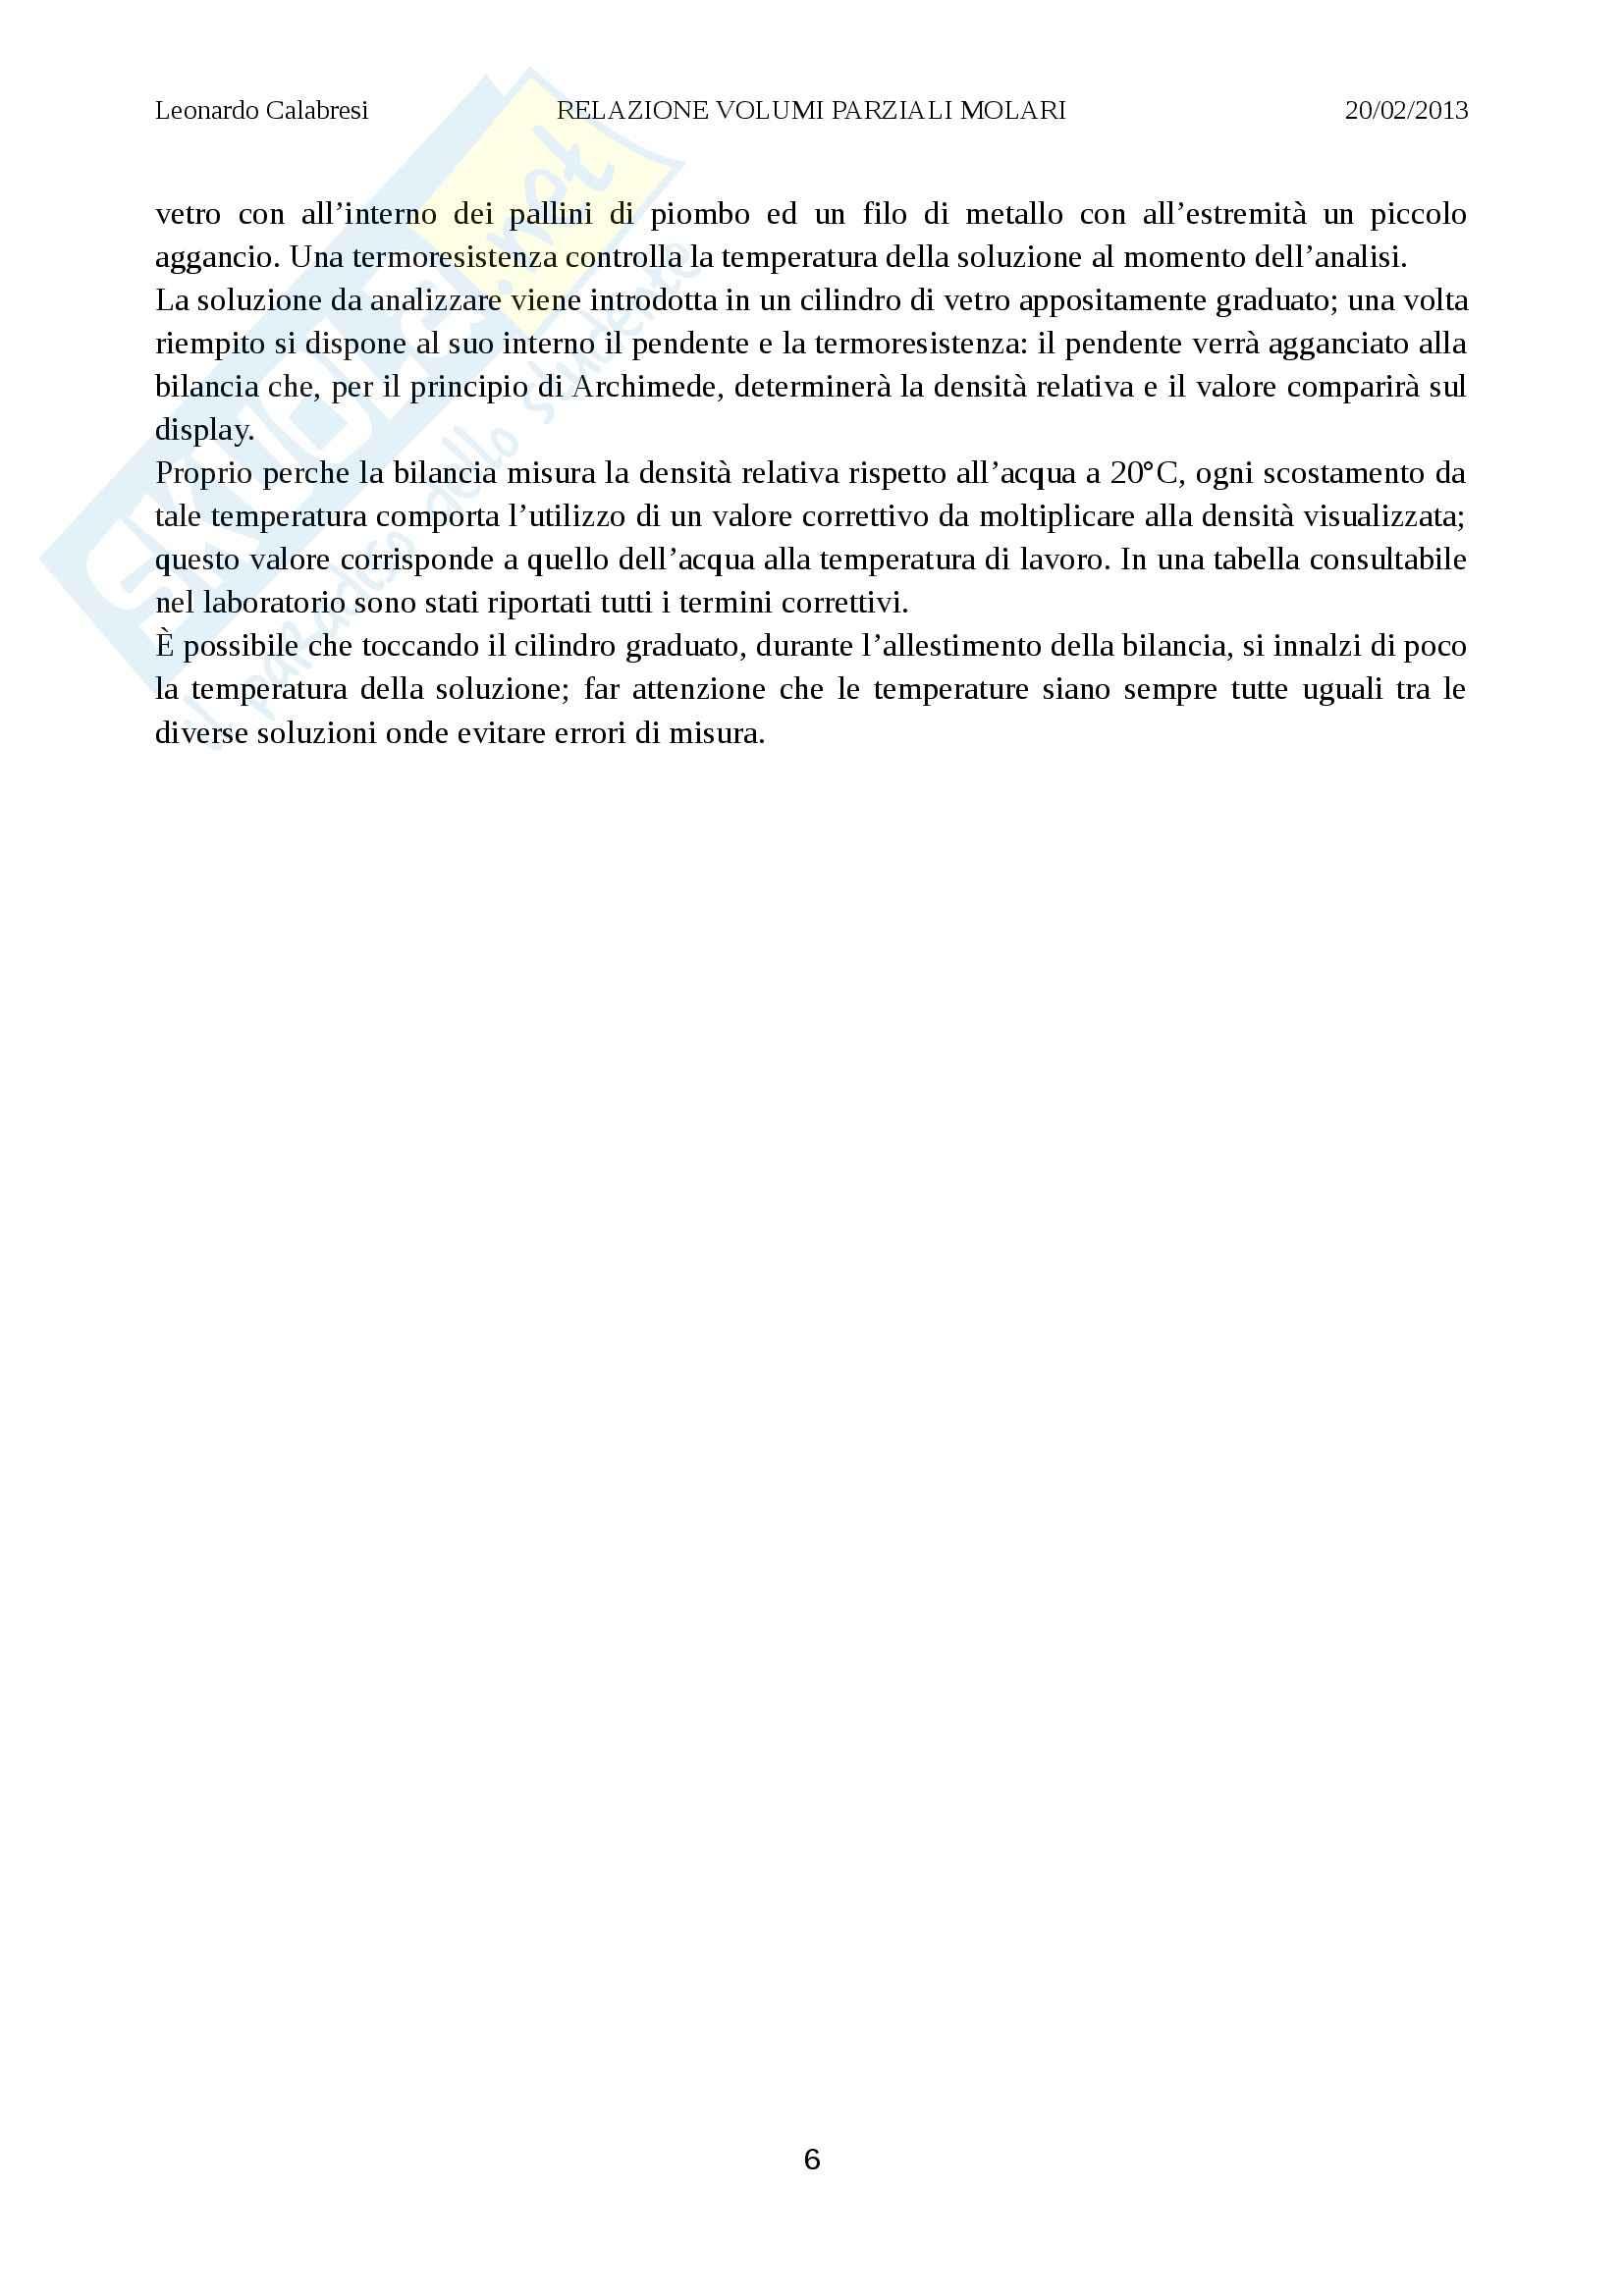 Relazione laboratorio (volumi parziali molari), Chimica fisica Pag. 6